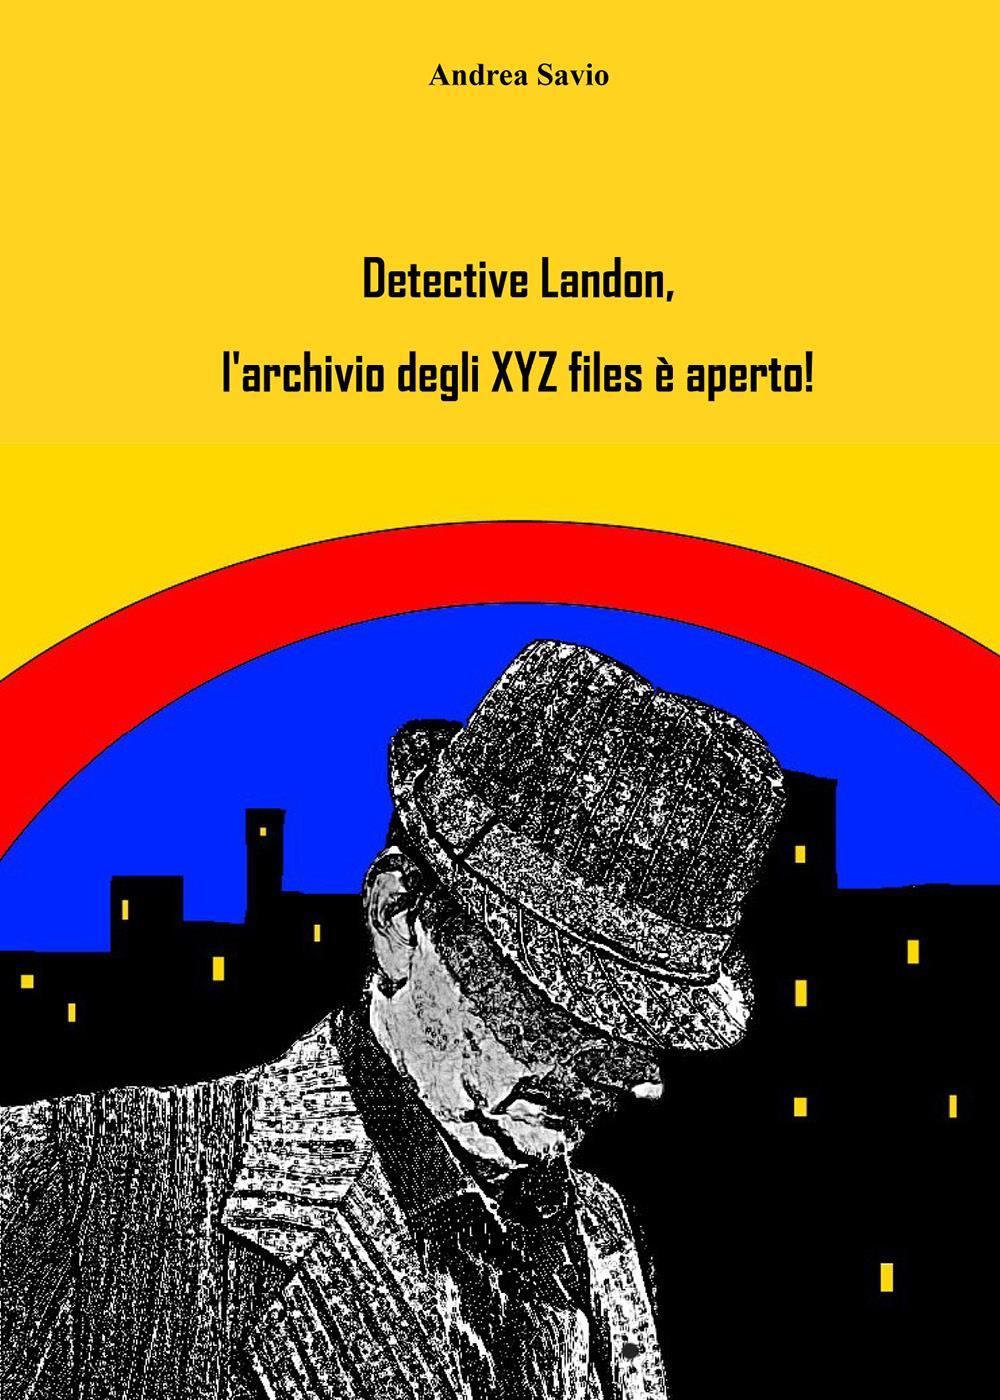 Detective Landon, l'archivio degli XYZ files è aperto!